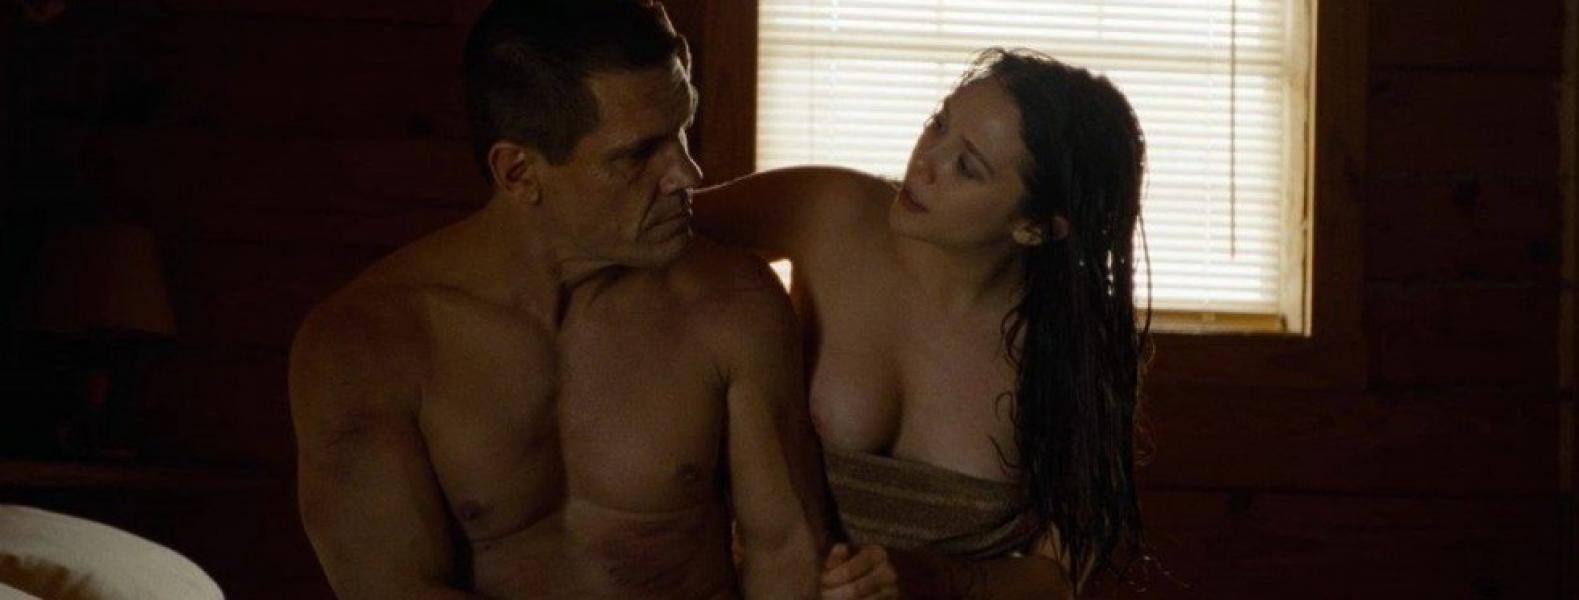 Elizabeth Olsen Nude Oldboy 8